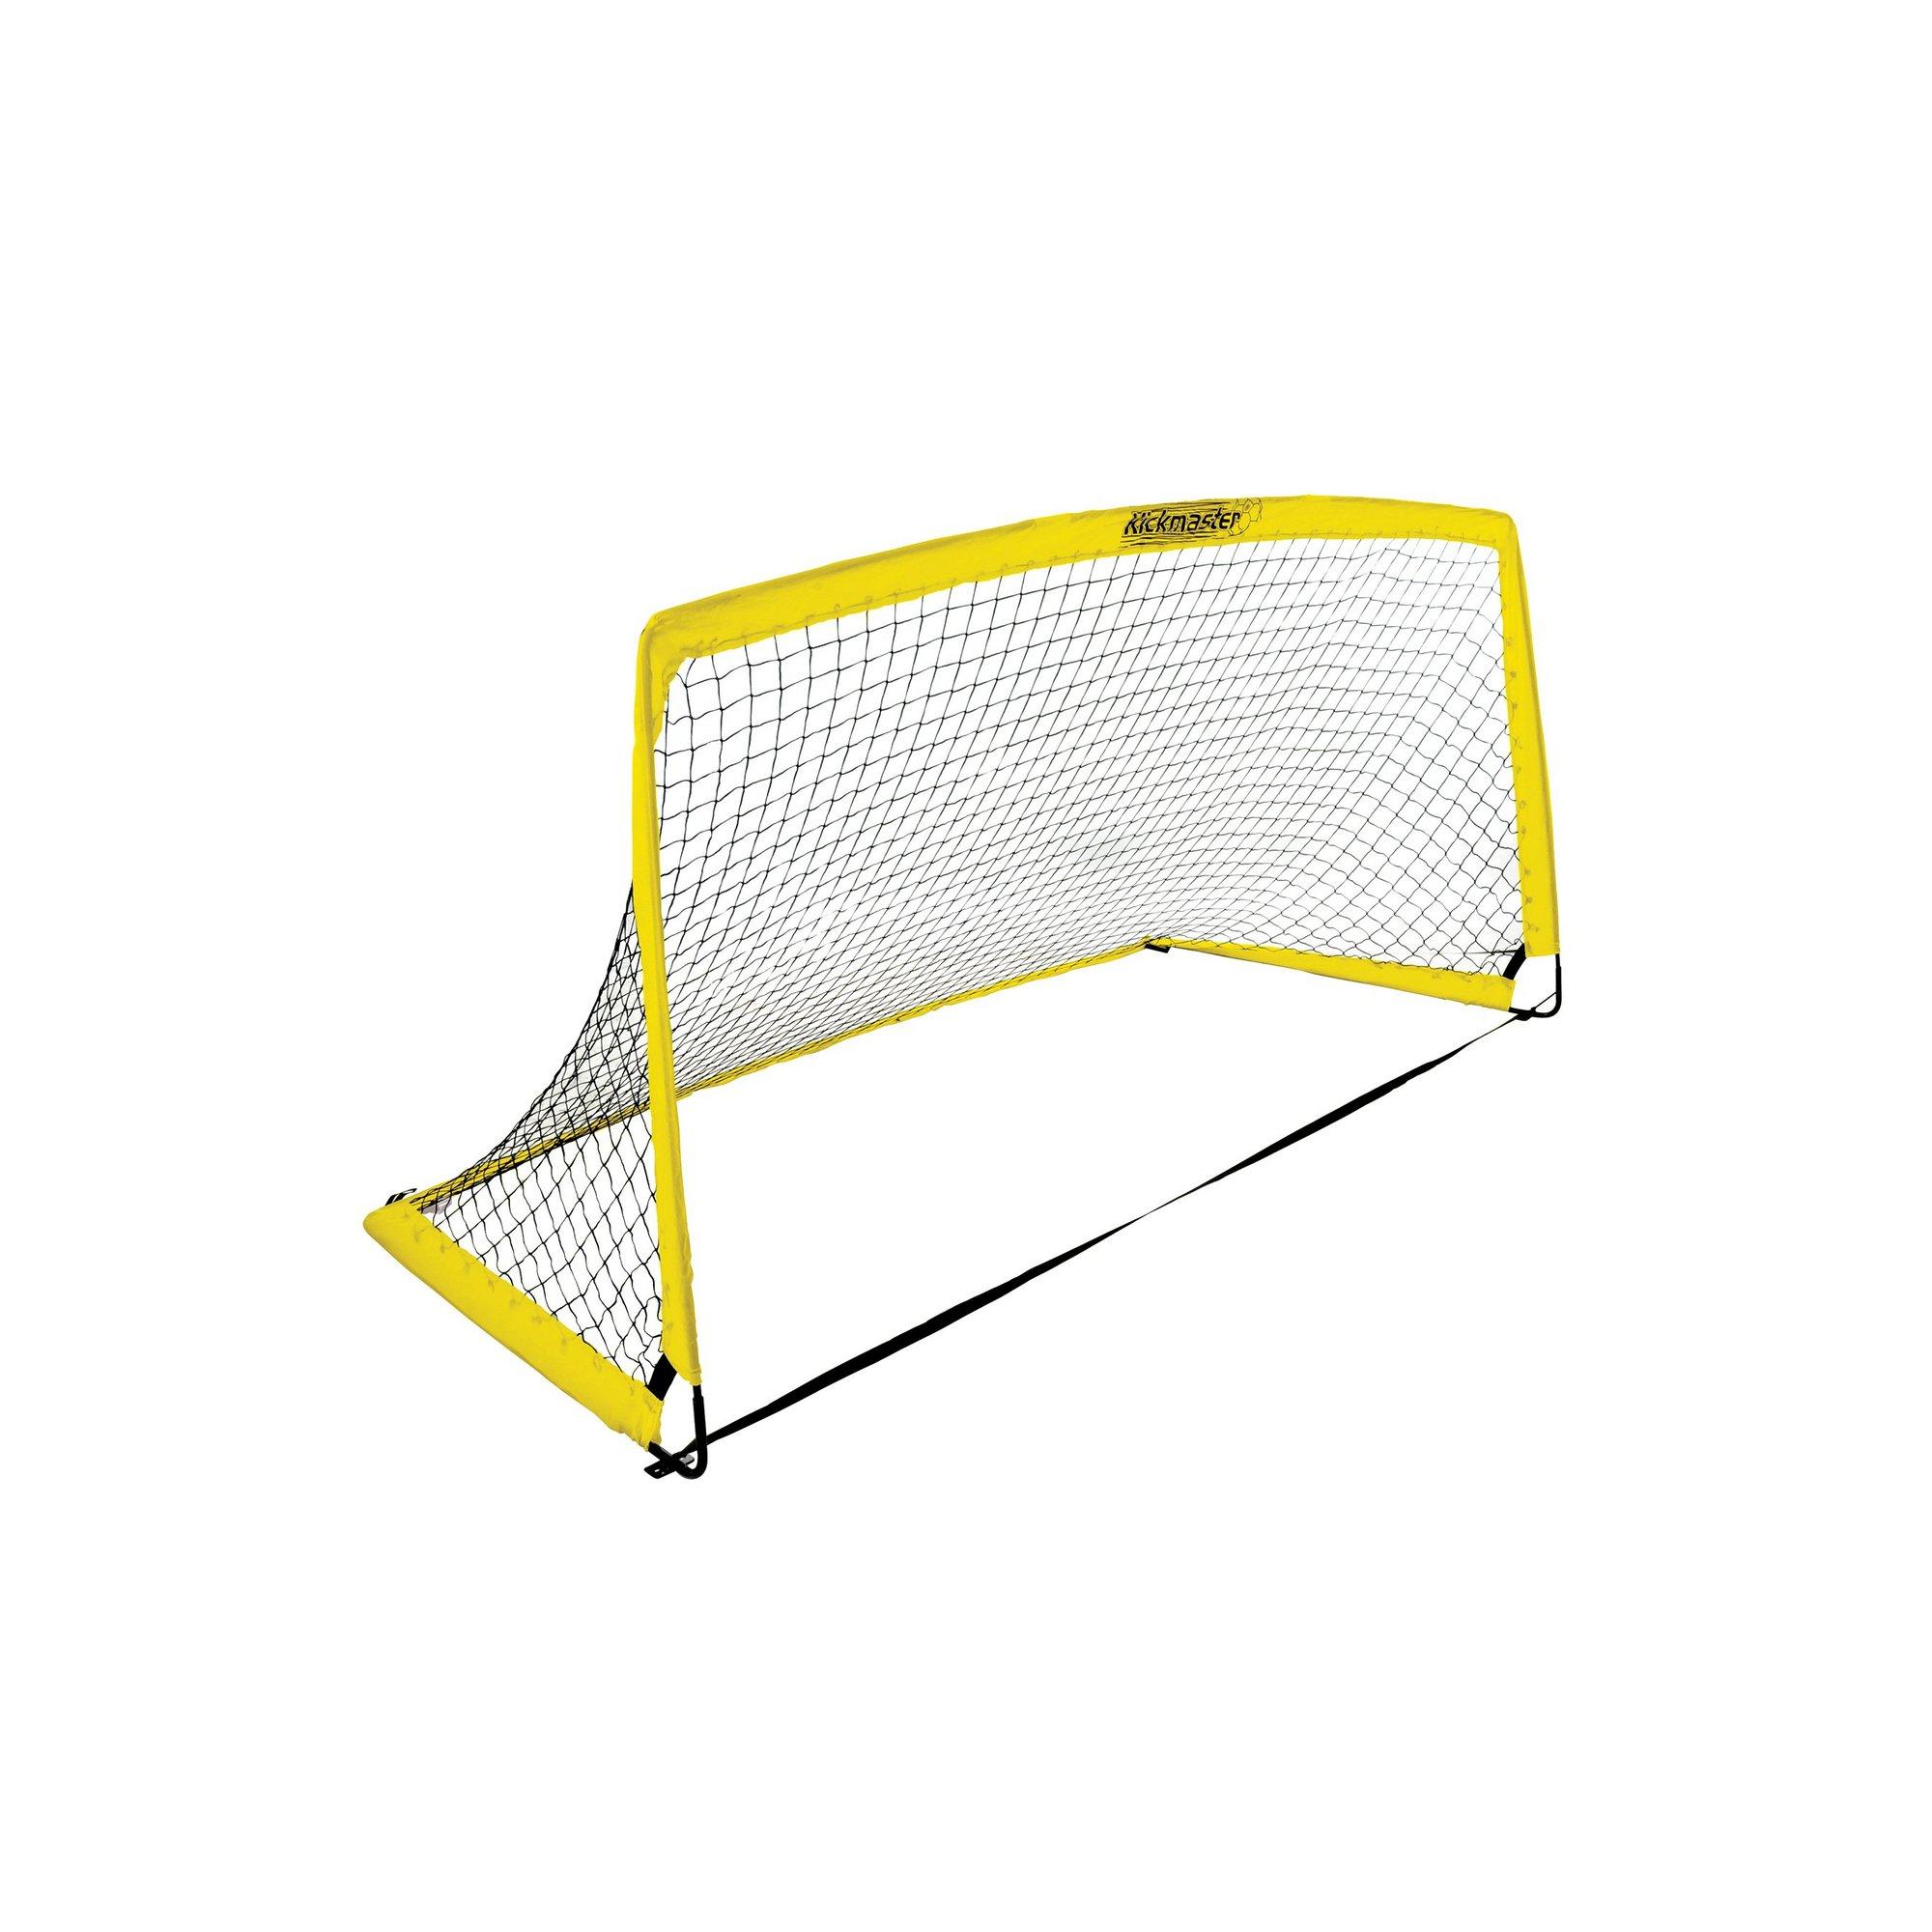 Image of Kickmaster 8ft Fibreglass Goal